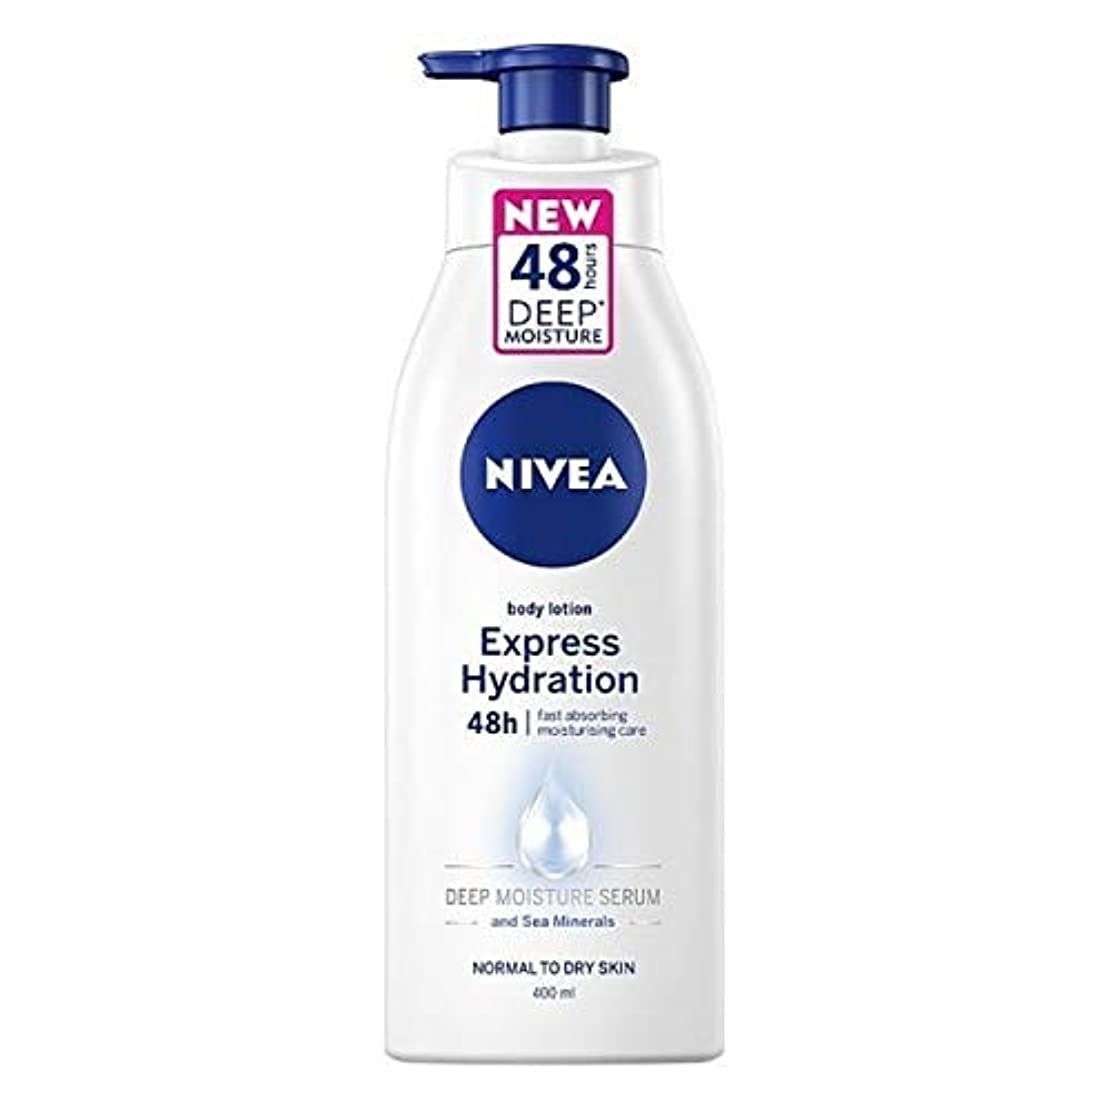 突破口エージェント保持する[Nivea ] 高速の急行水和ボディローション400ミリリットルを吸収ニベア - NIVEA Fast Absorbing Express Hydration Body Lotion 400ml [並行輸入品]